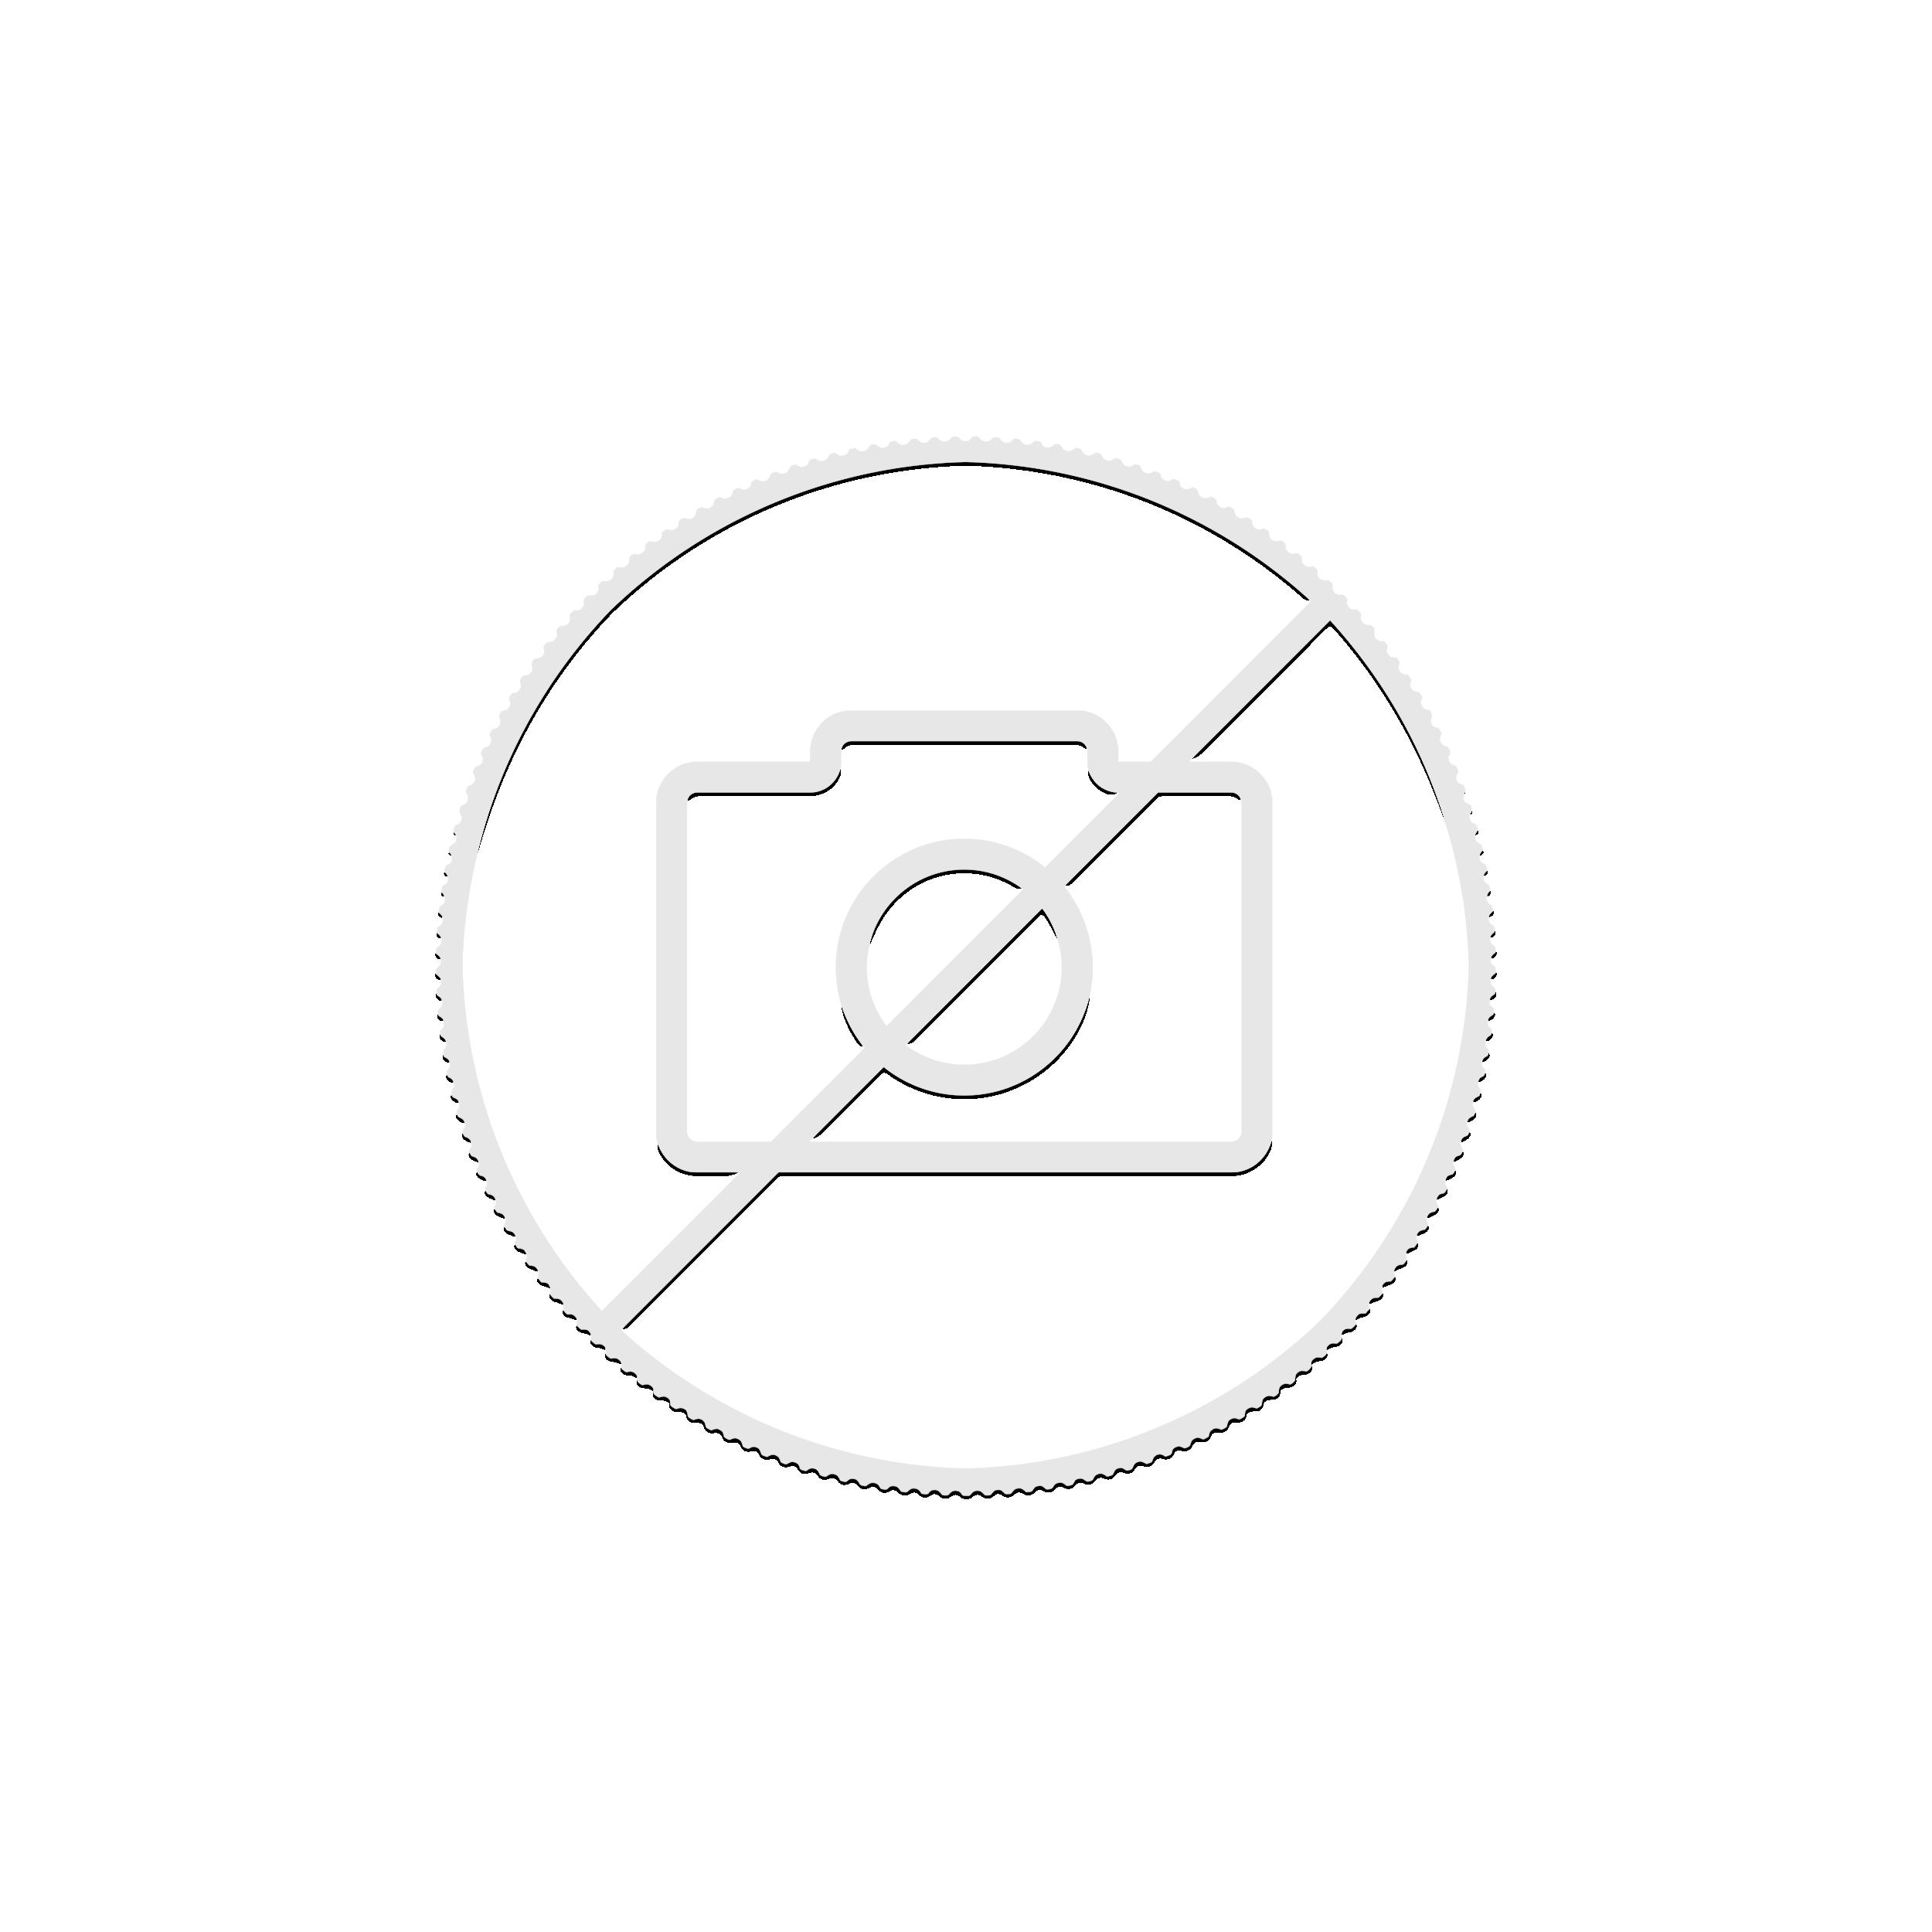 2014 1 kilo silver coin Koala